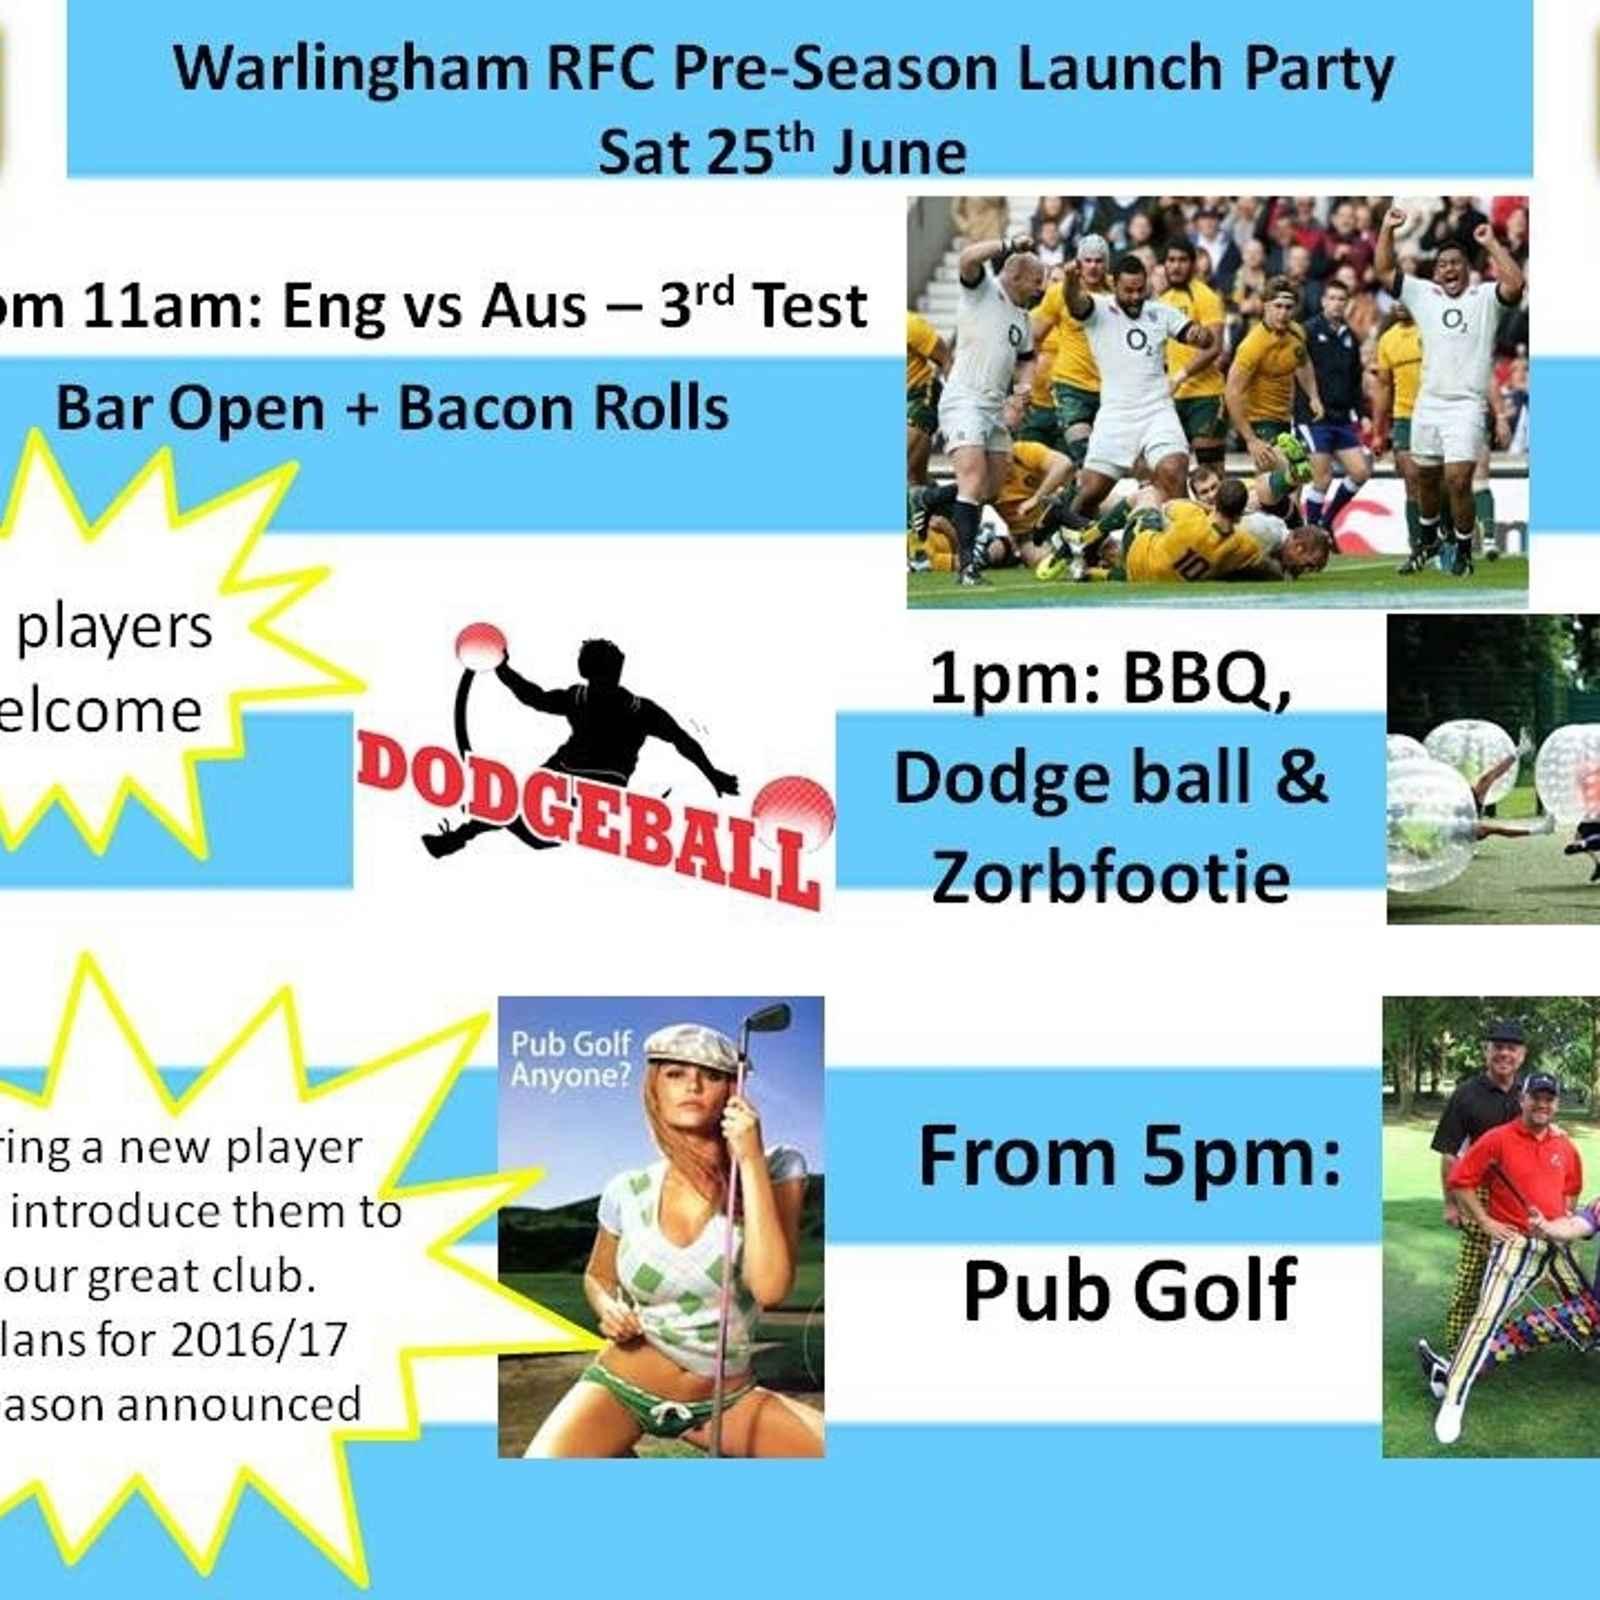 WRFC Pre-Season Launch Party Saturday 25th June